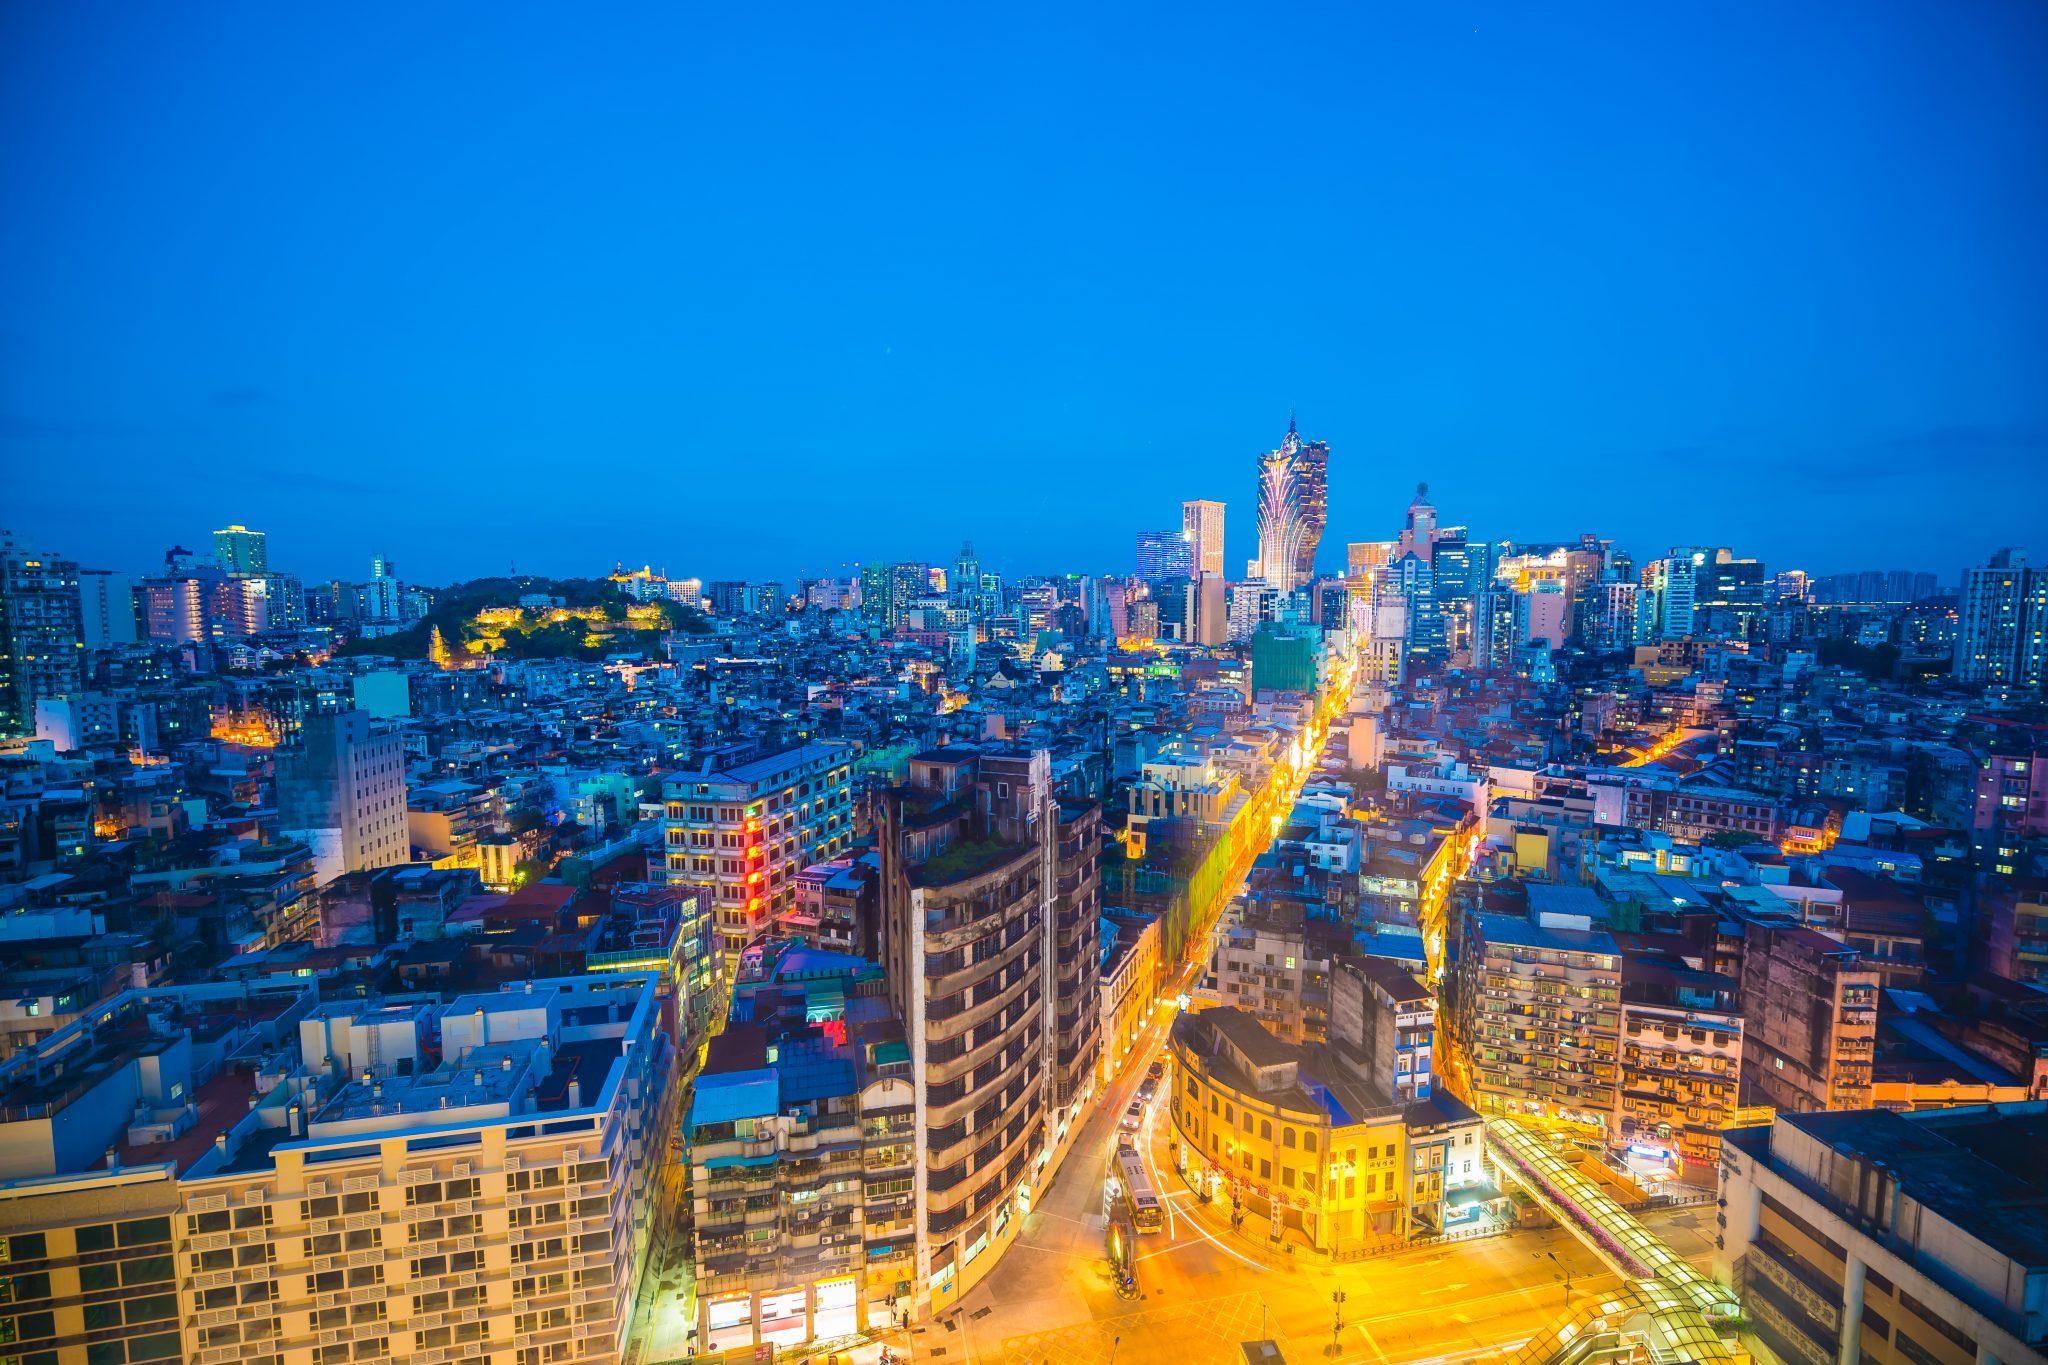 ventas-proyectos-ciudad-inmobiliaria